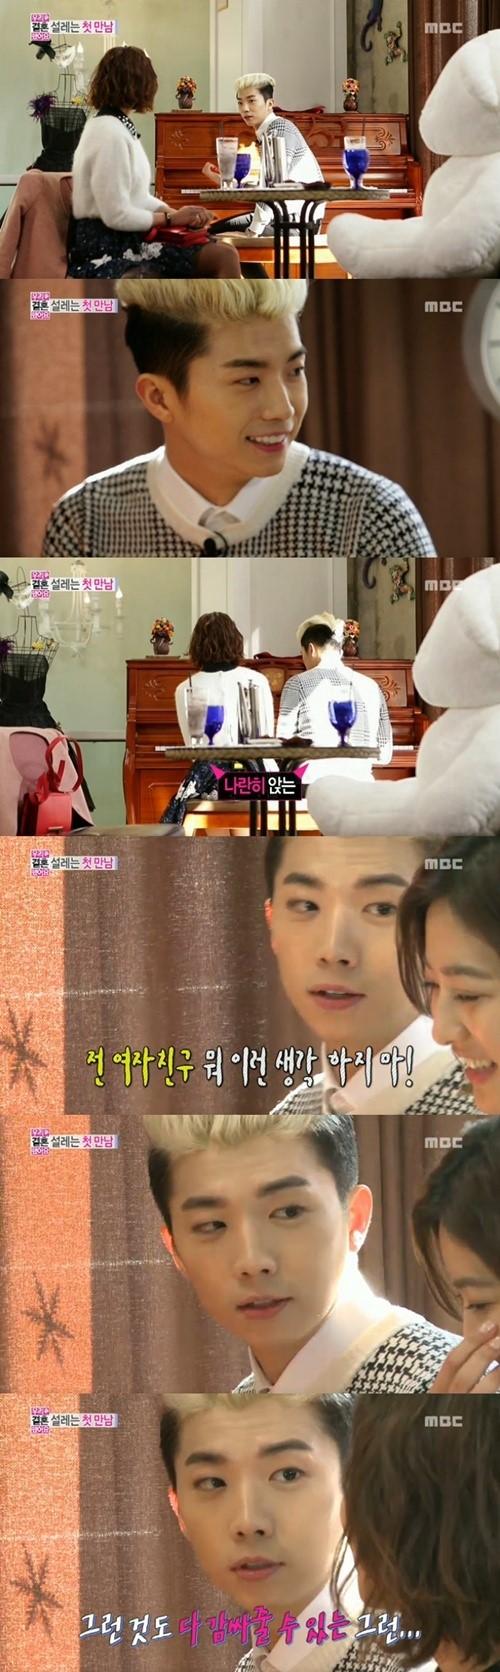 「私たち結婚しました」2PMウヨンと仮想妻セヨンの初の出会いはウヨンの失言からスタート!